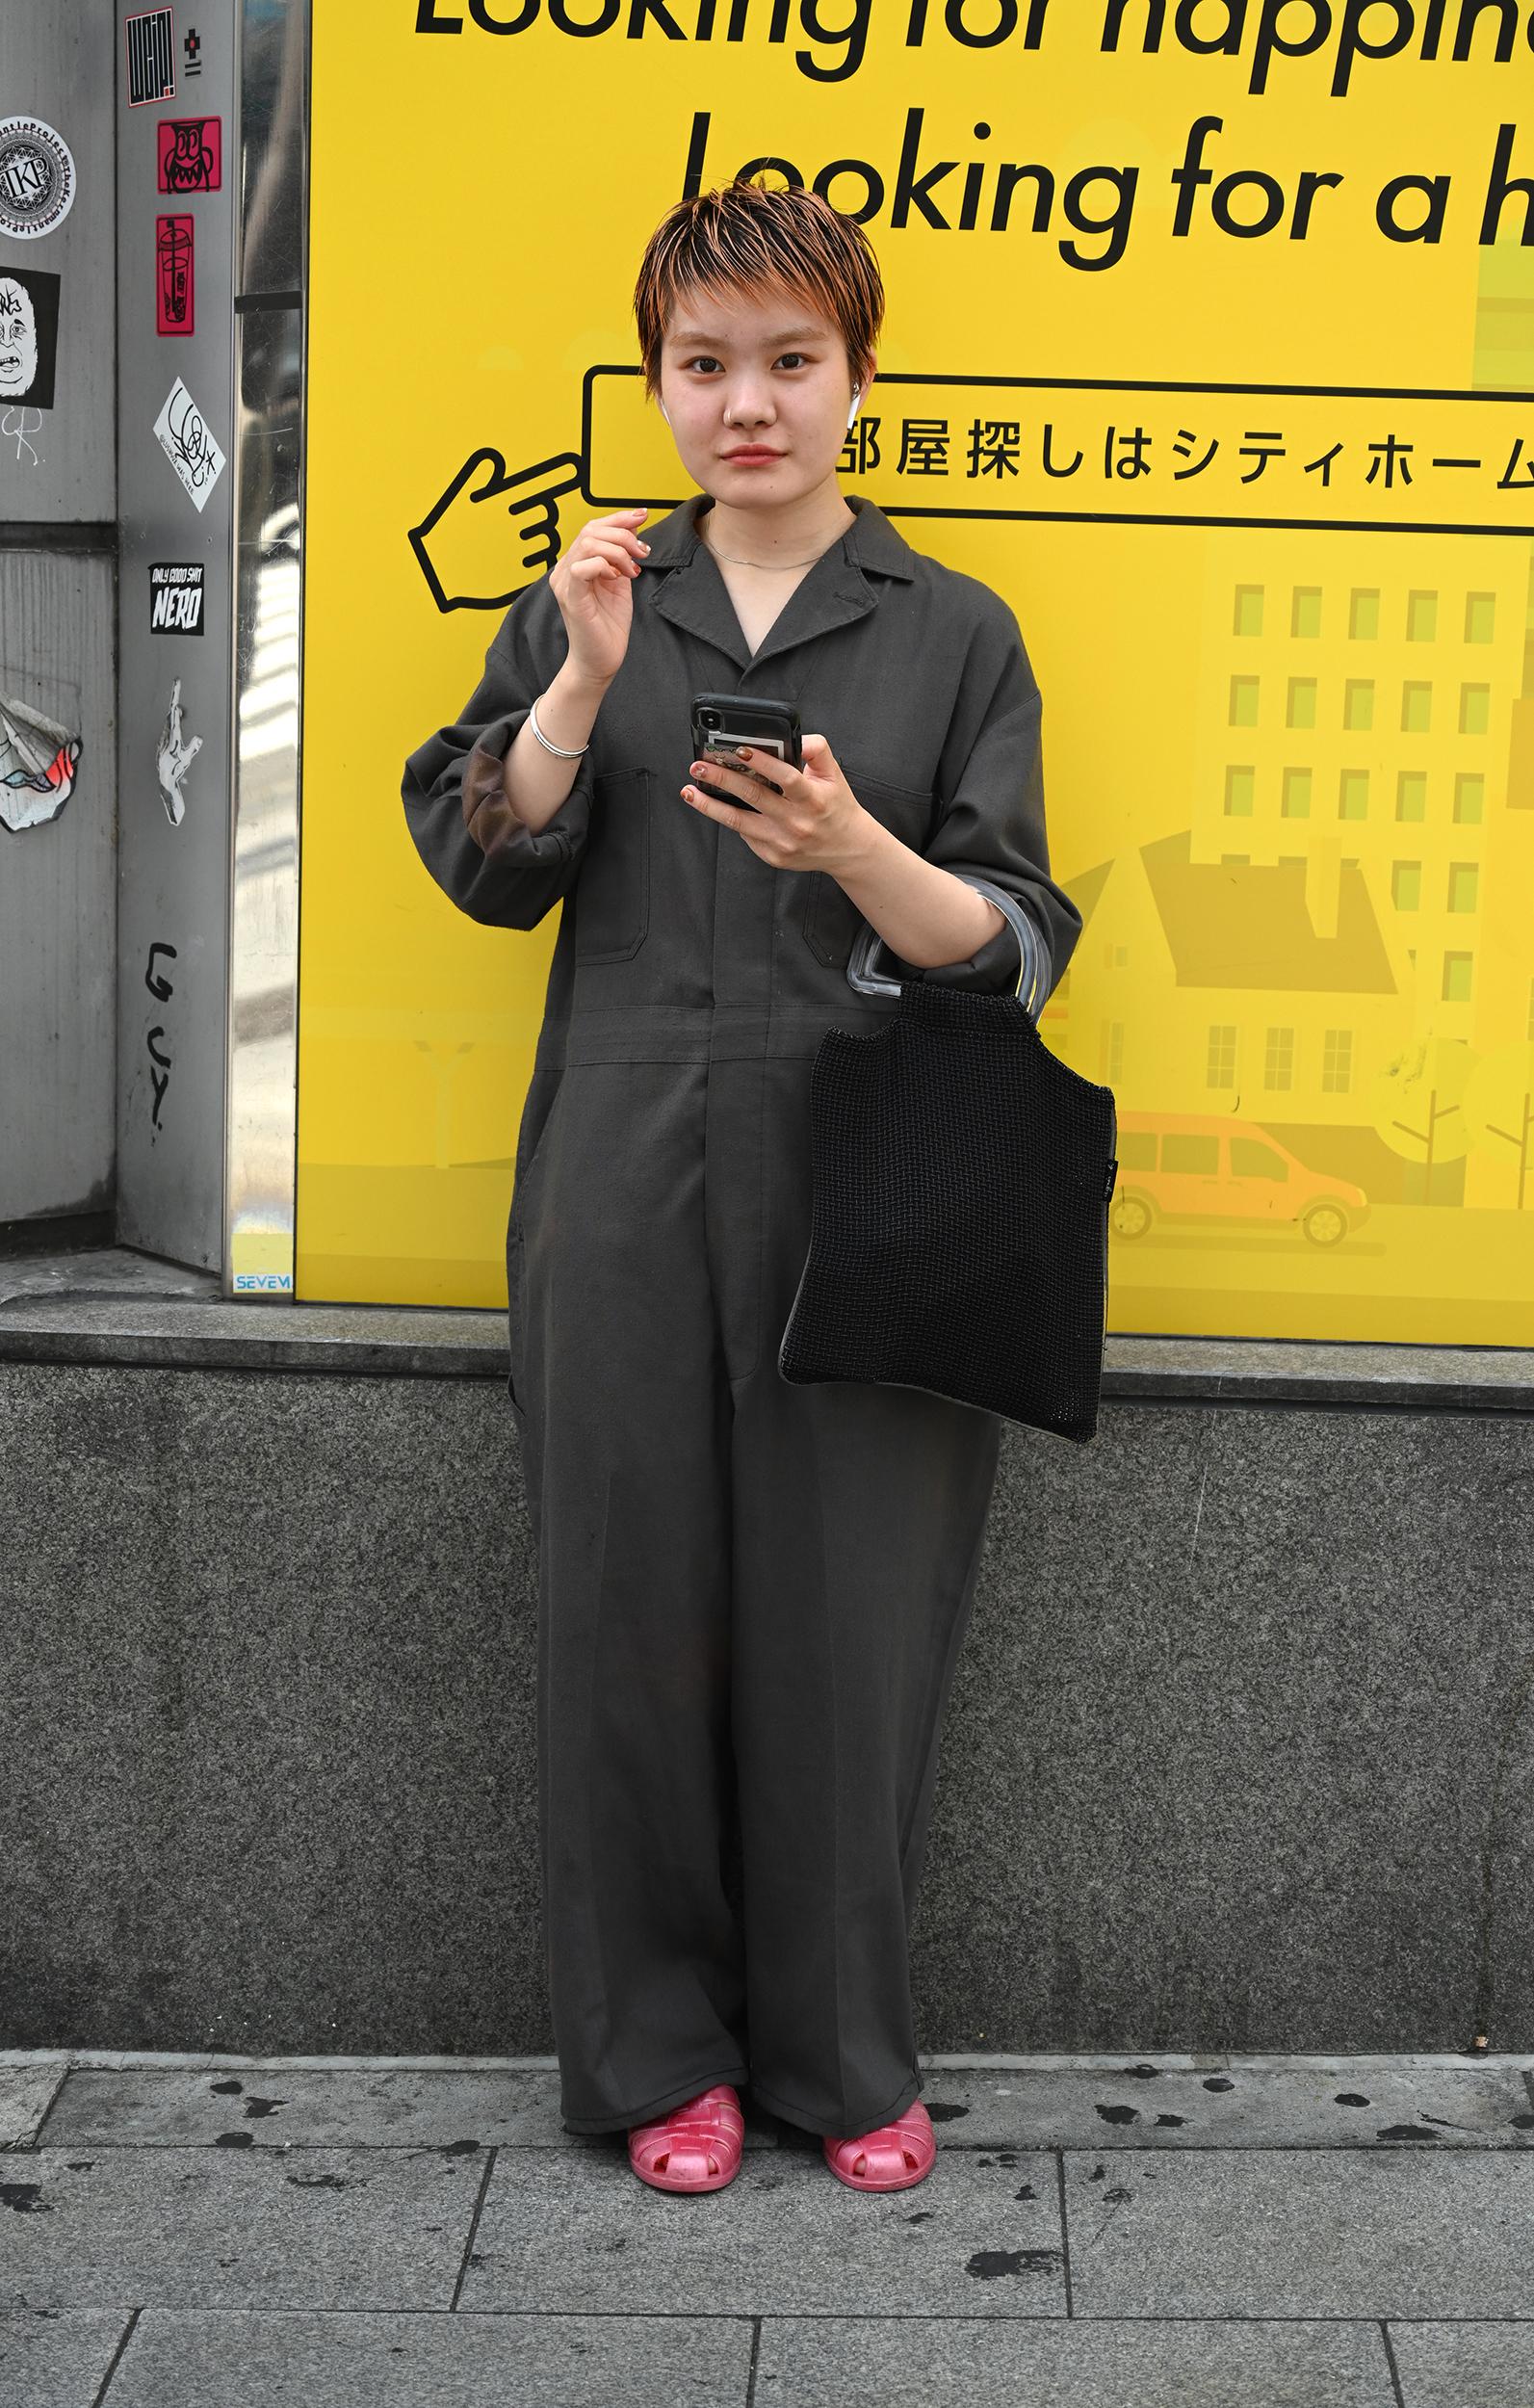 Student, Shinjuku, Tokyo